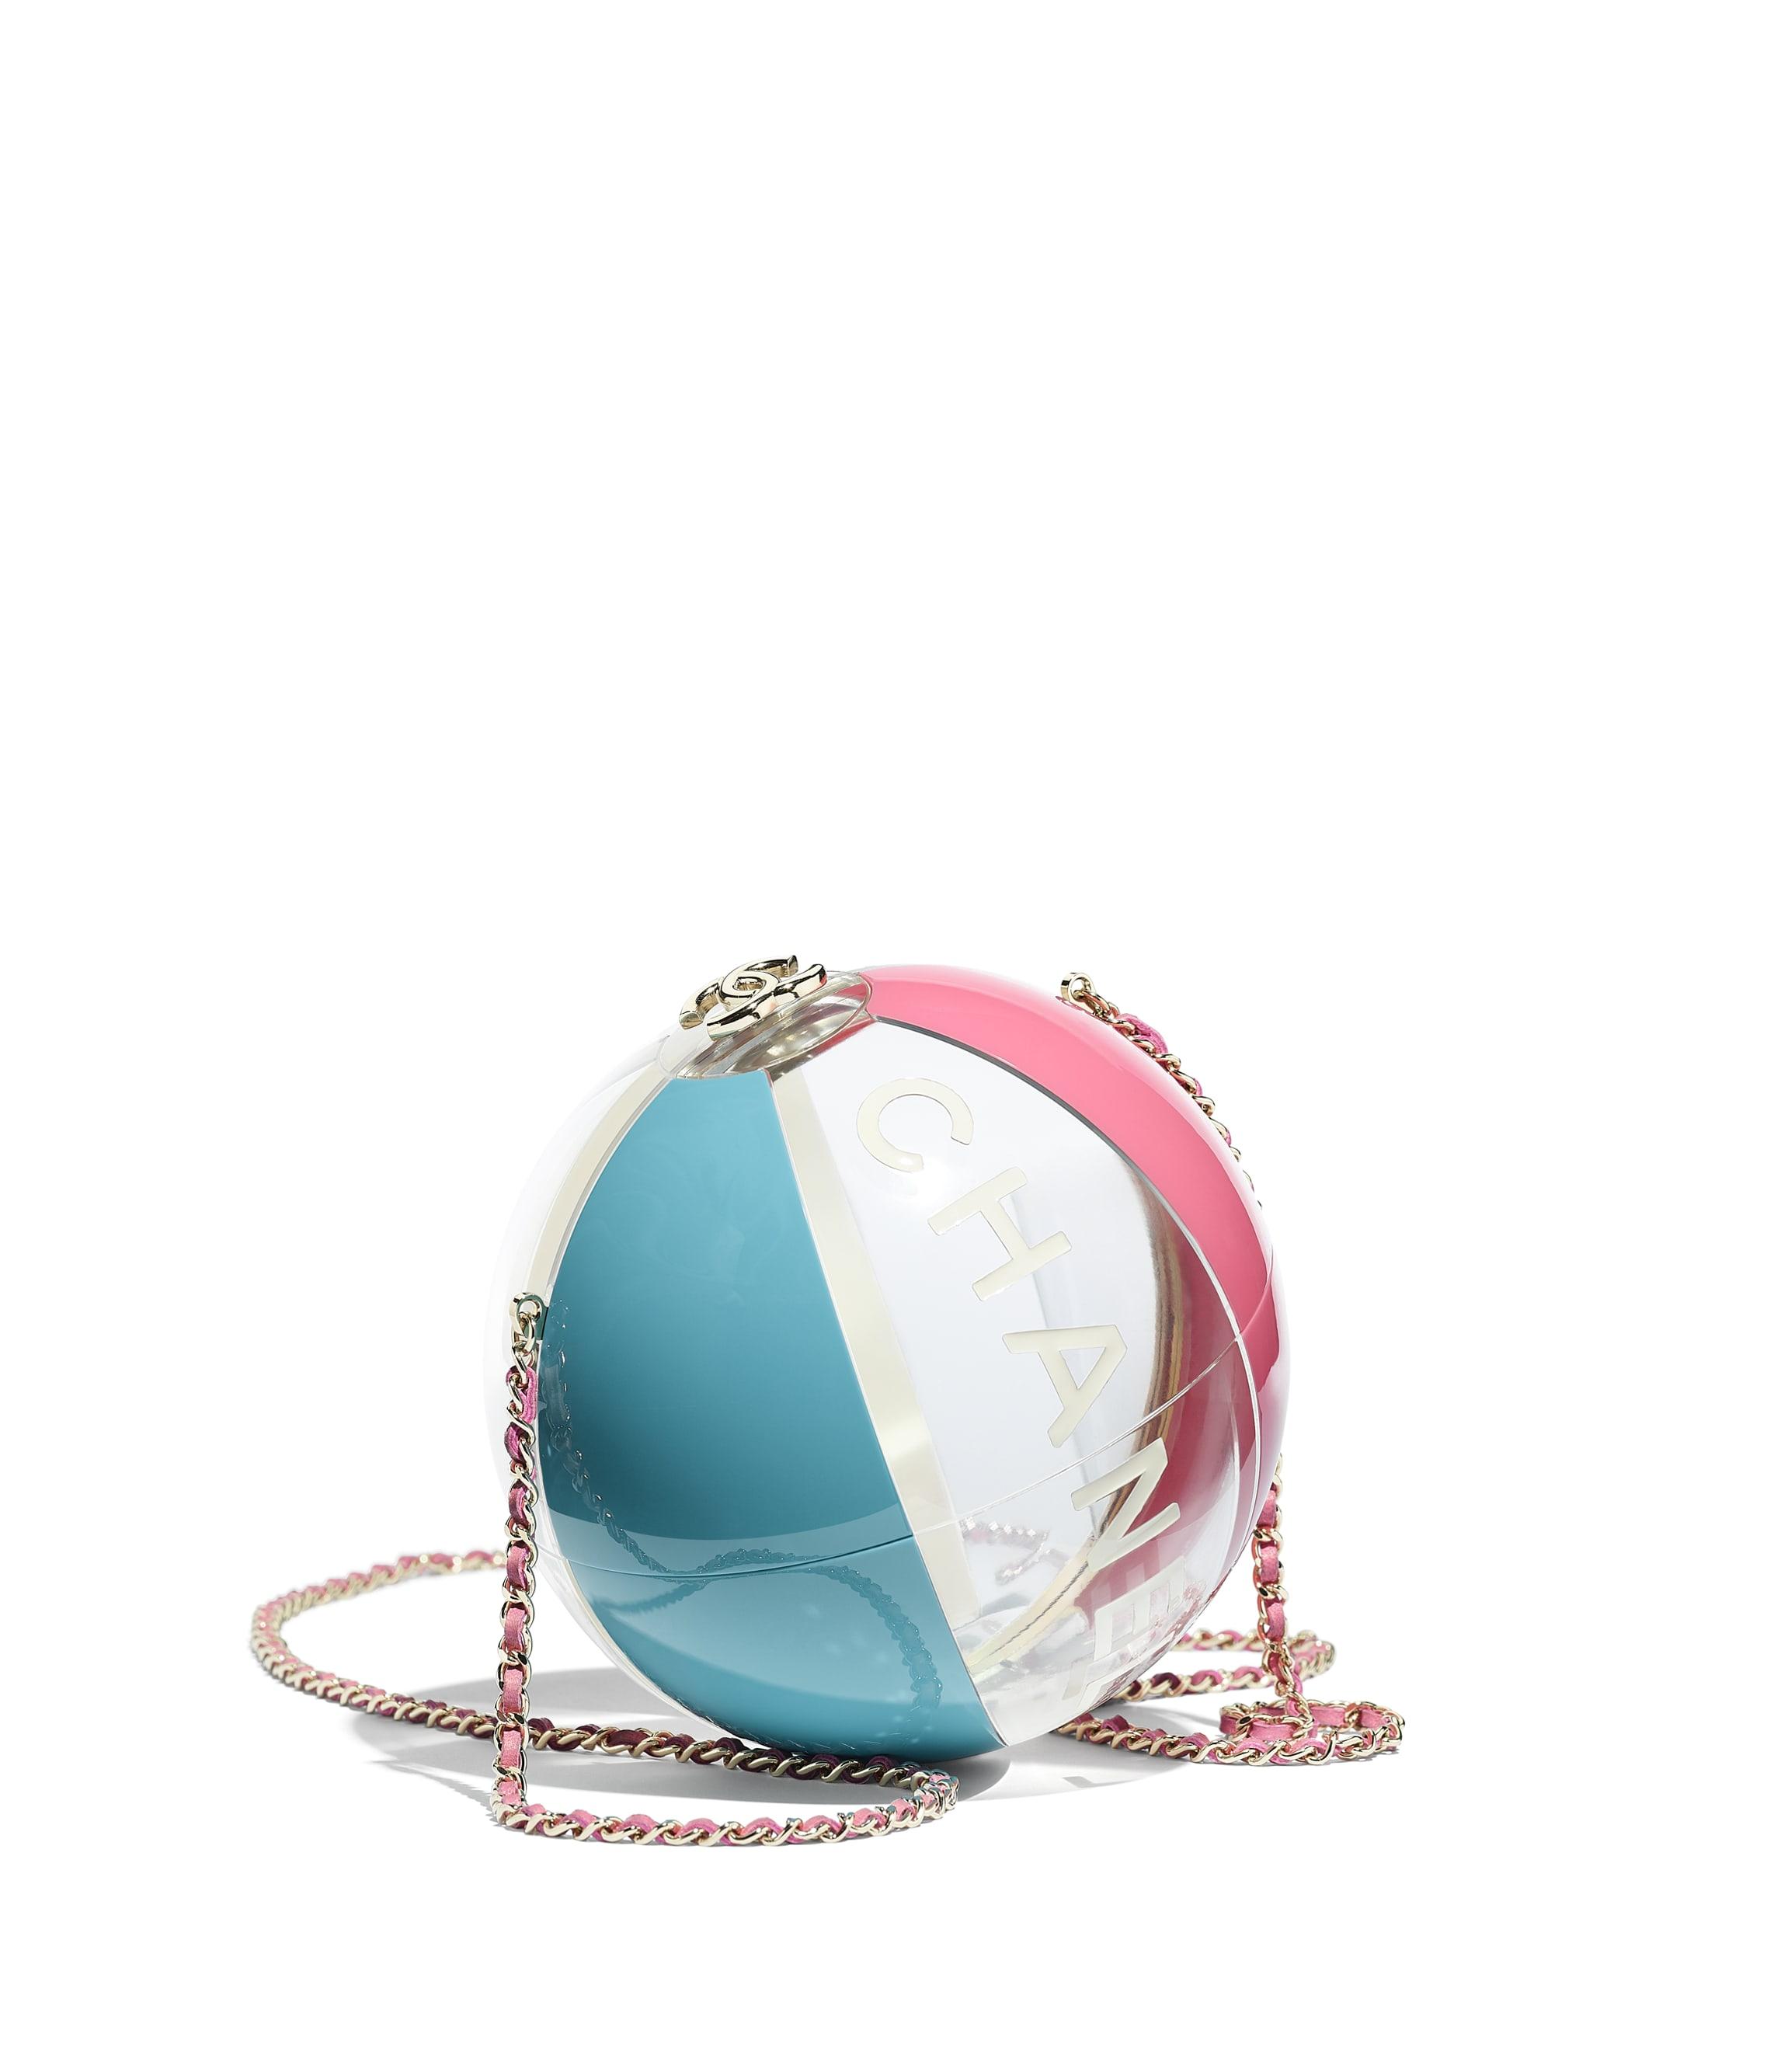 052535bb8669 Beach Ball Minaudiere